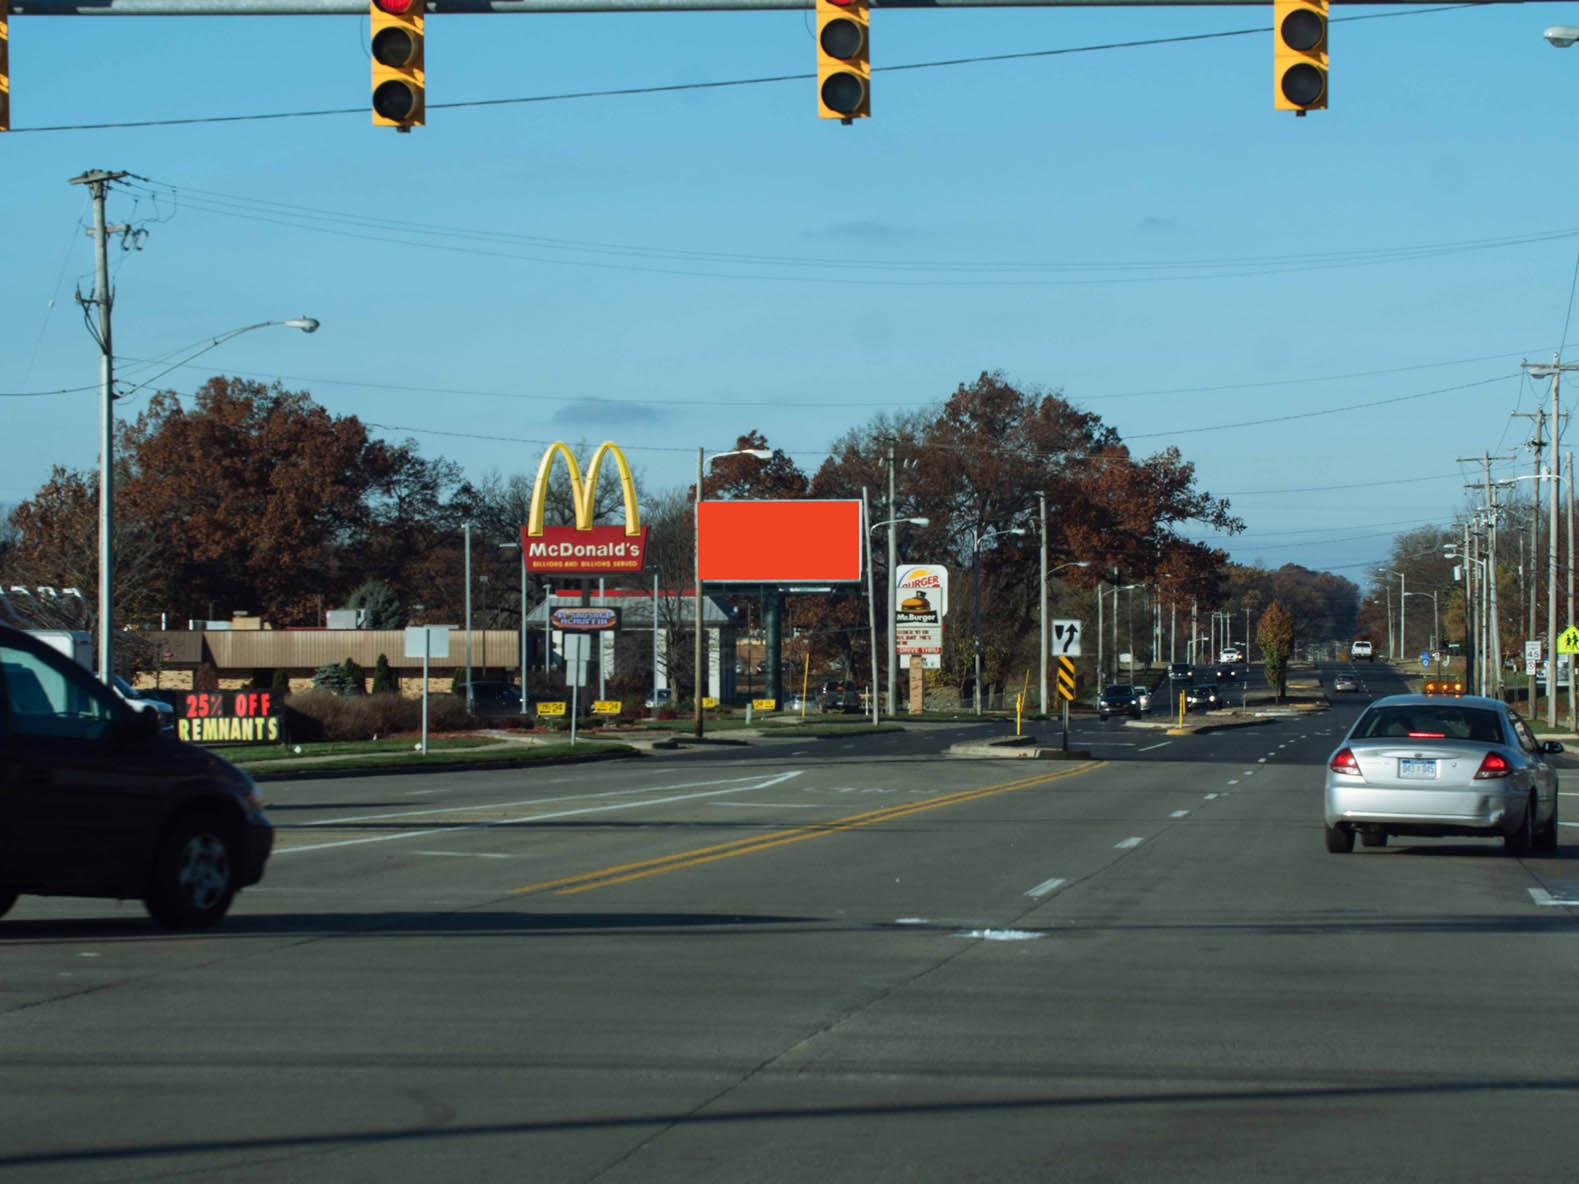 Billboard 405 West (12 x 25) - Geopath: 30655498